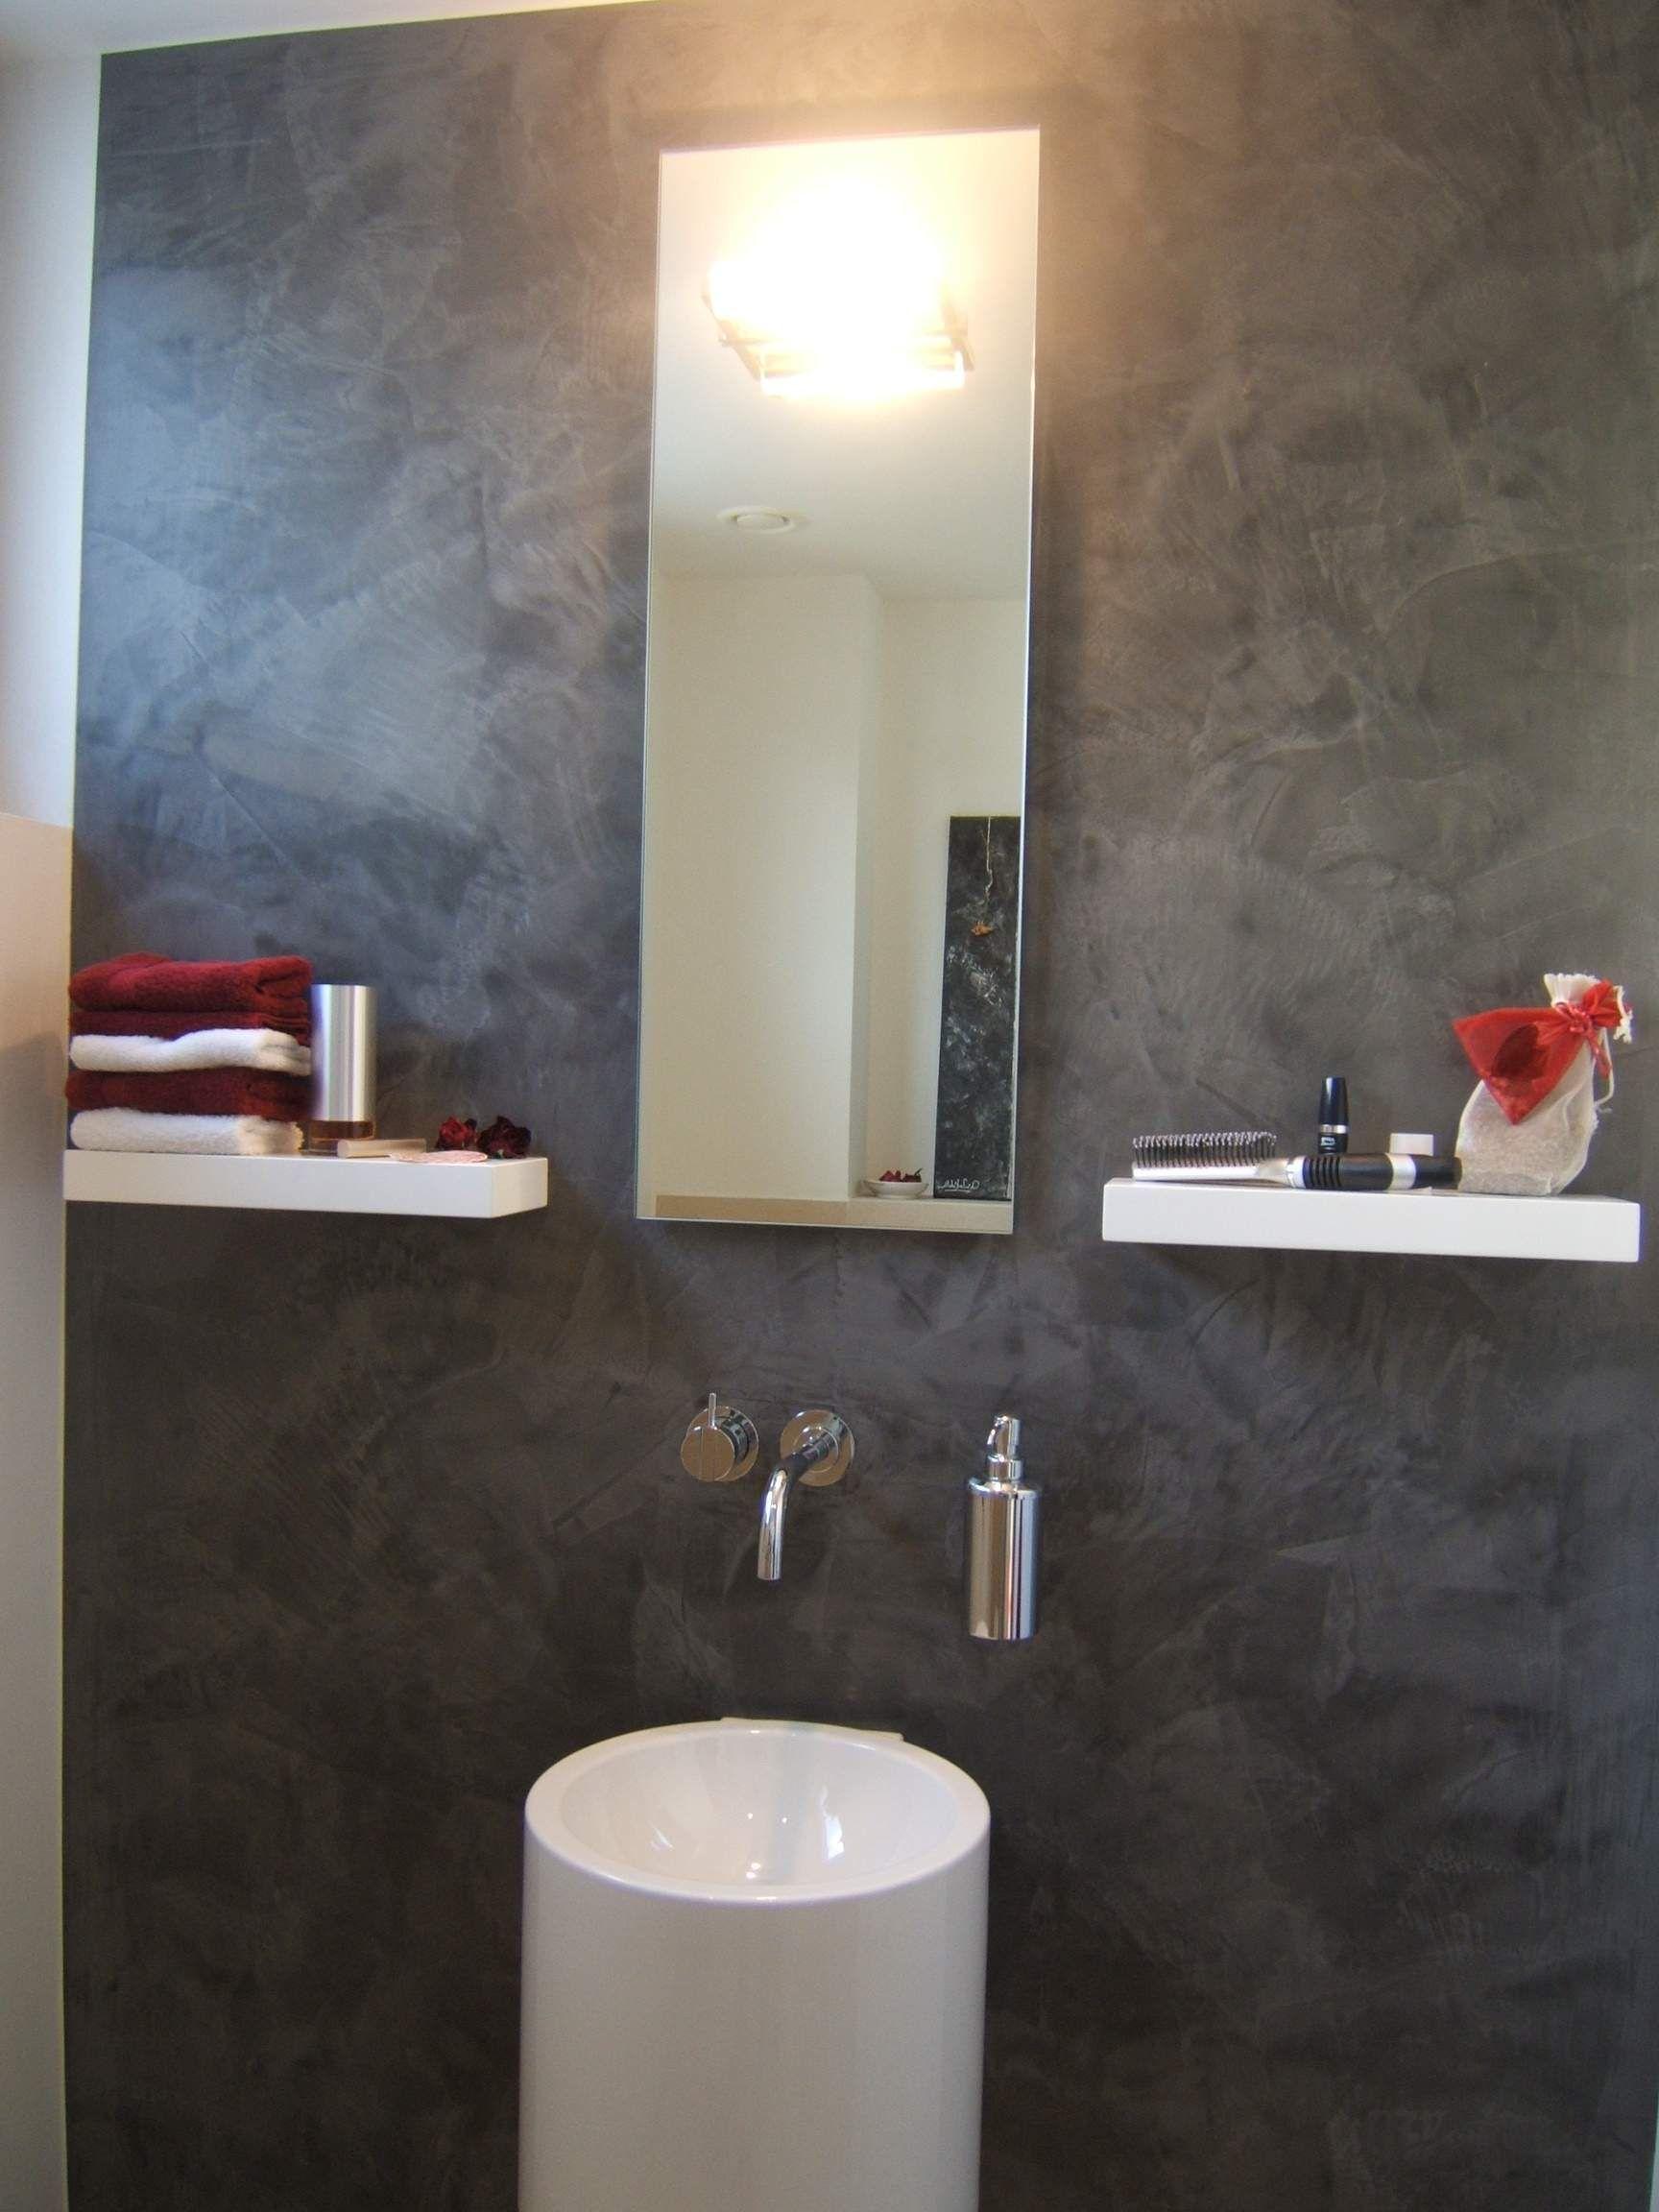 Glnzender Stucco im Badezimmer Mehr Infos unter www